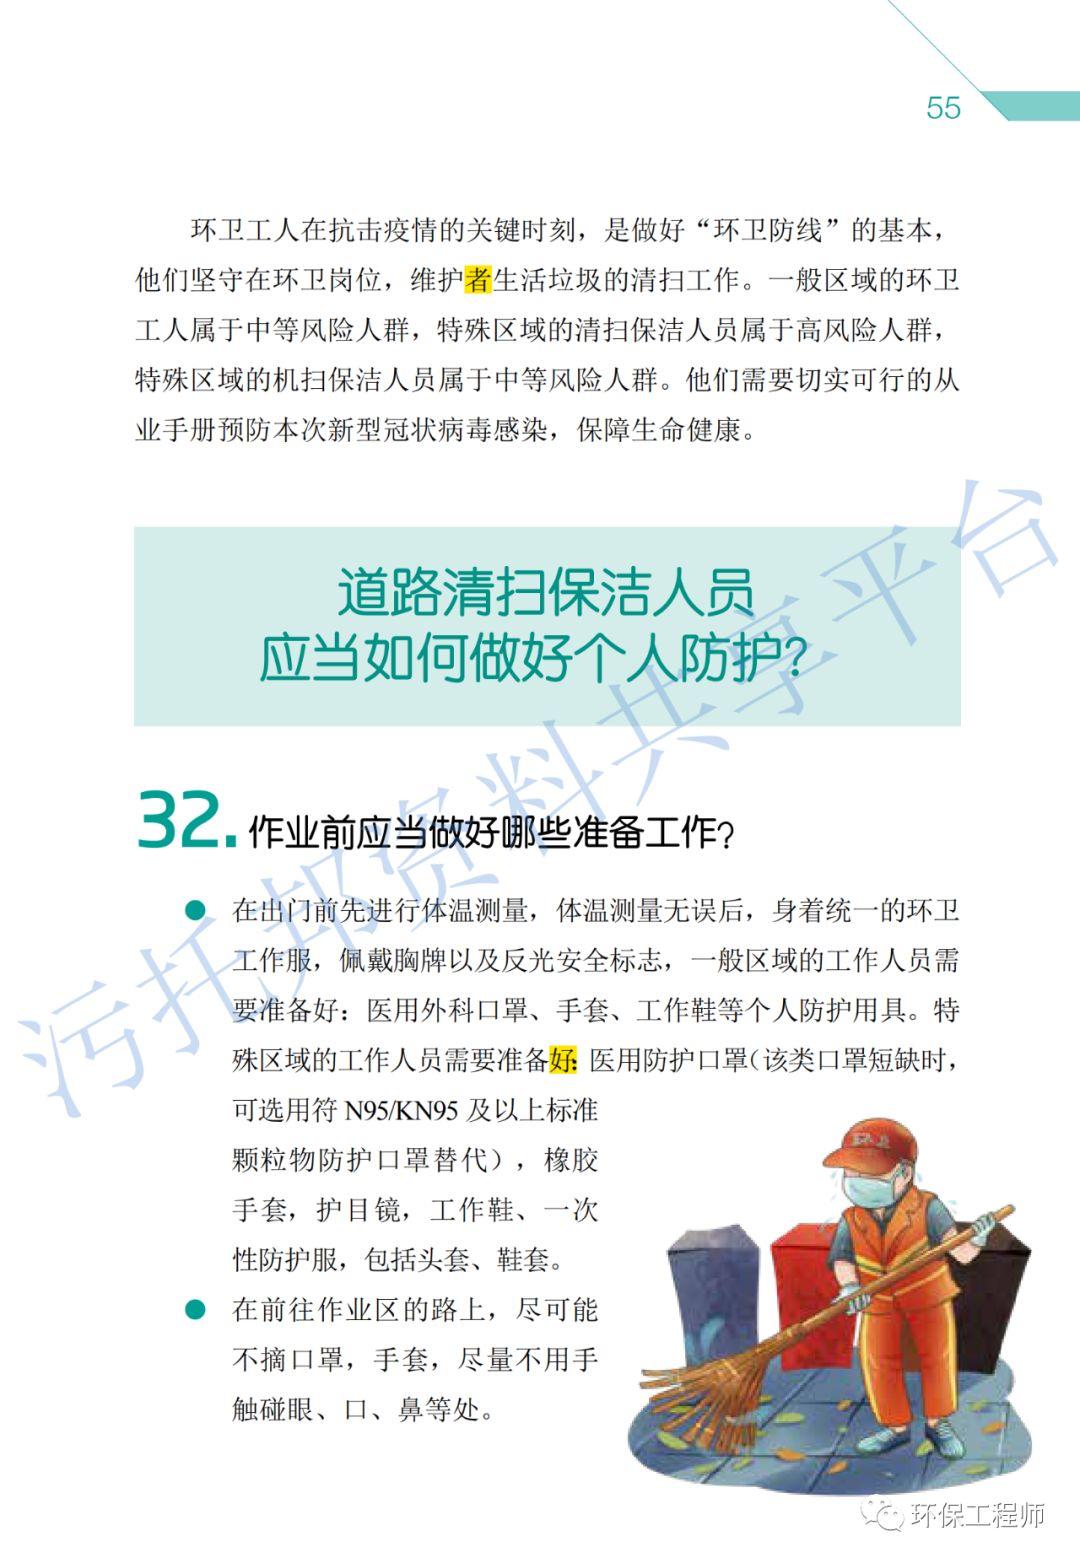 《环保从业人员新型冠状病毒疫情防护手册》_35